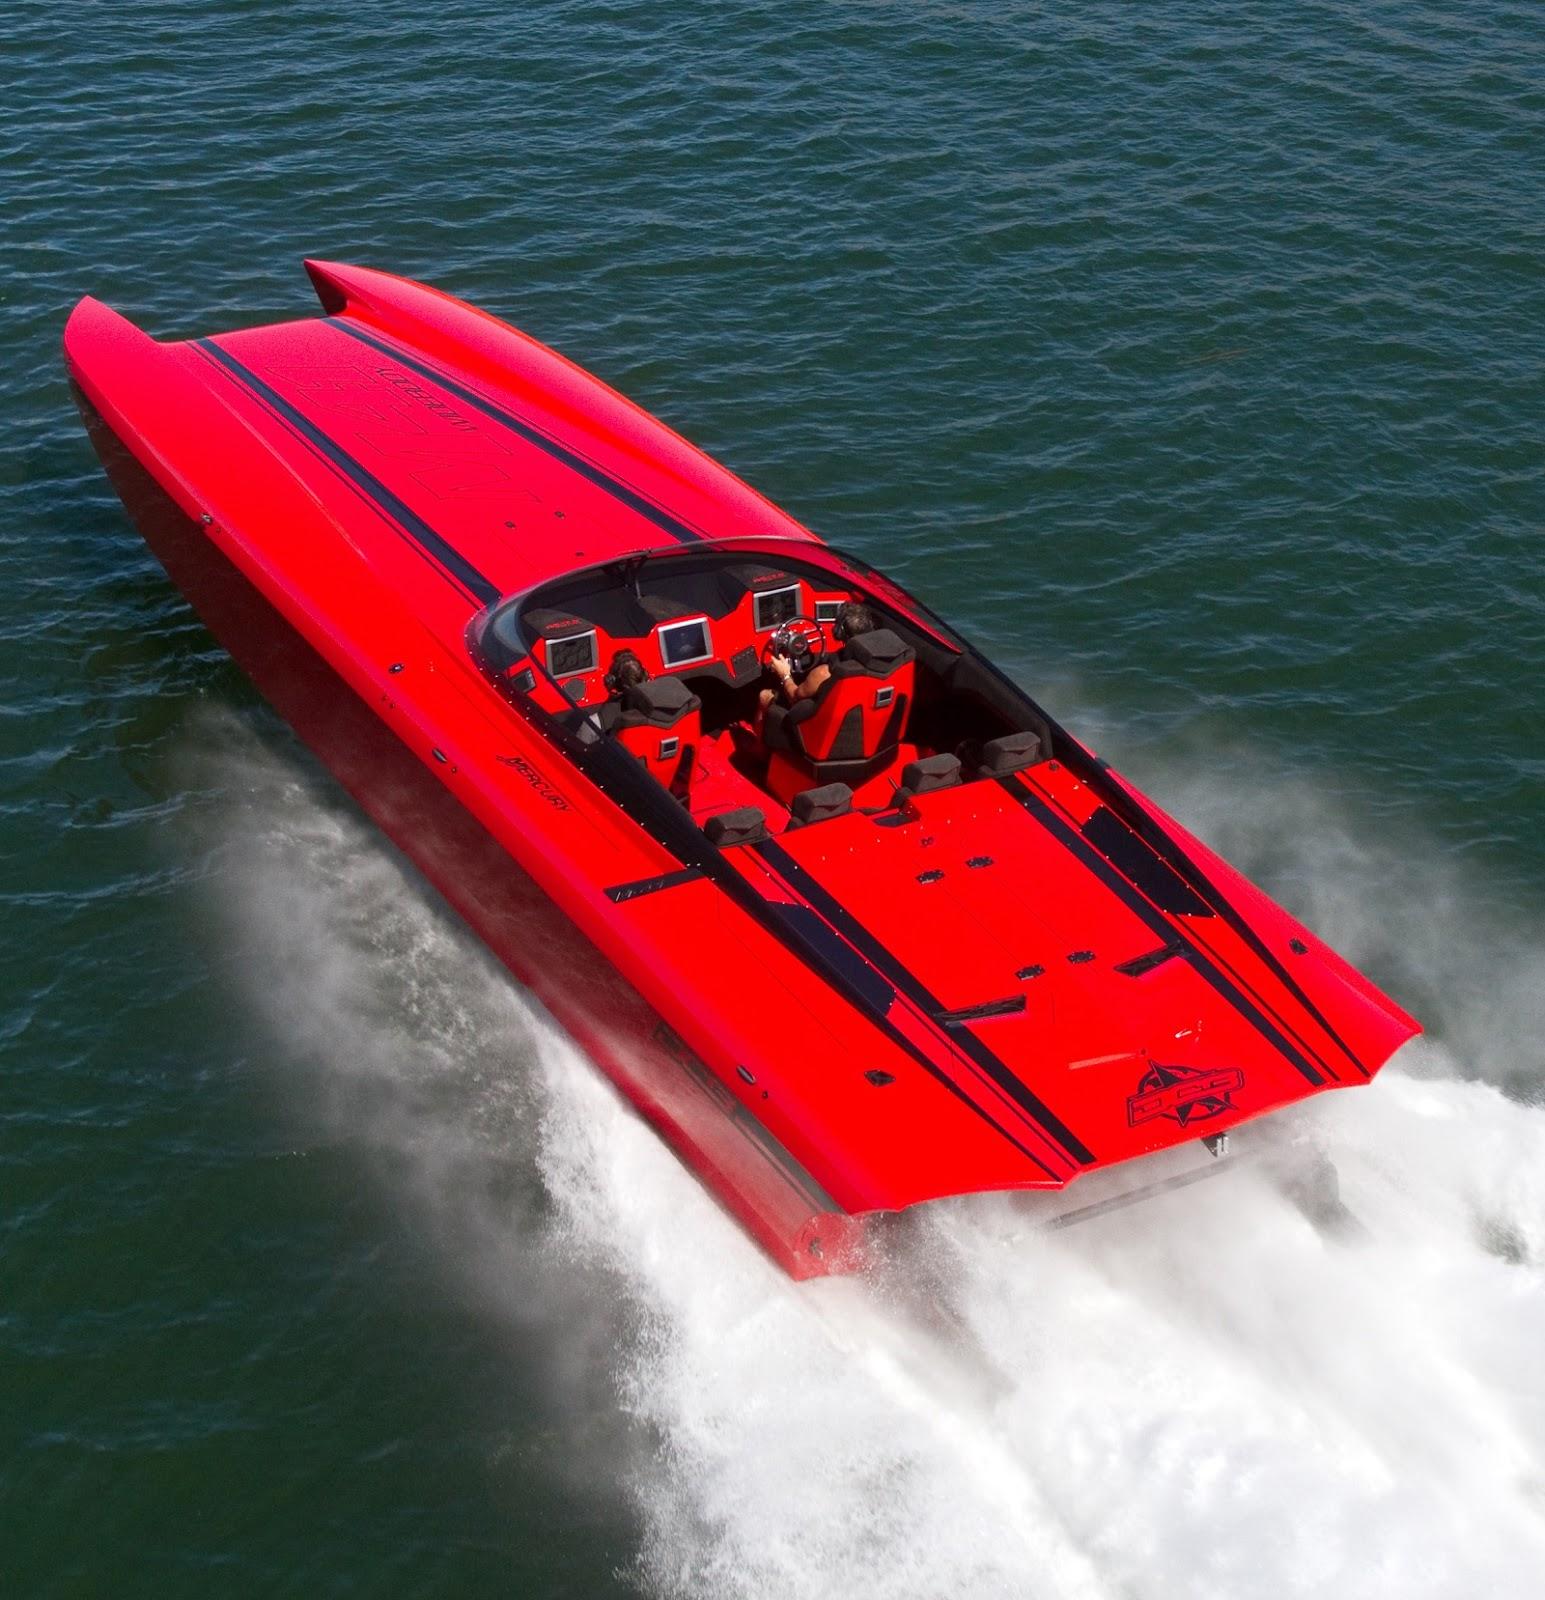 2 700 Horsepower Go Fast Boat At Sema Show Boats Beaches